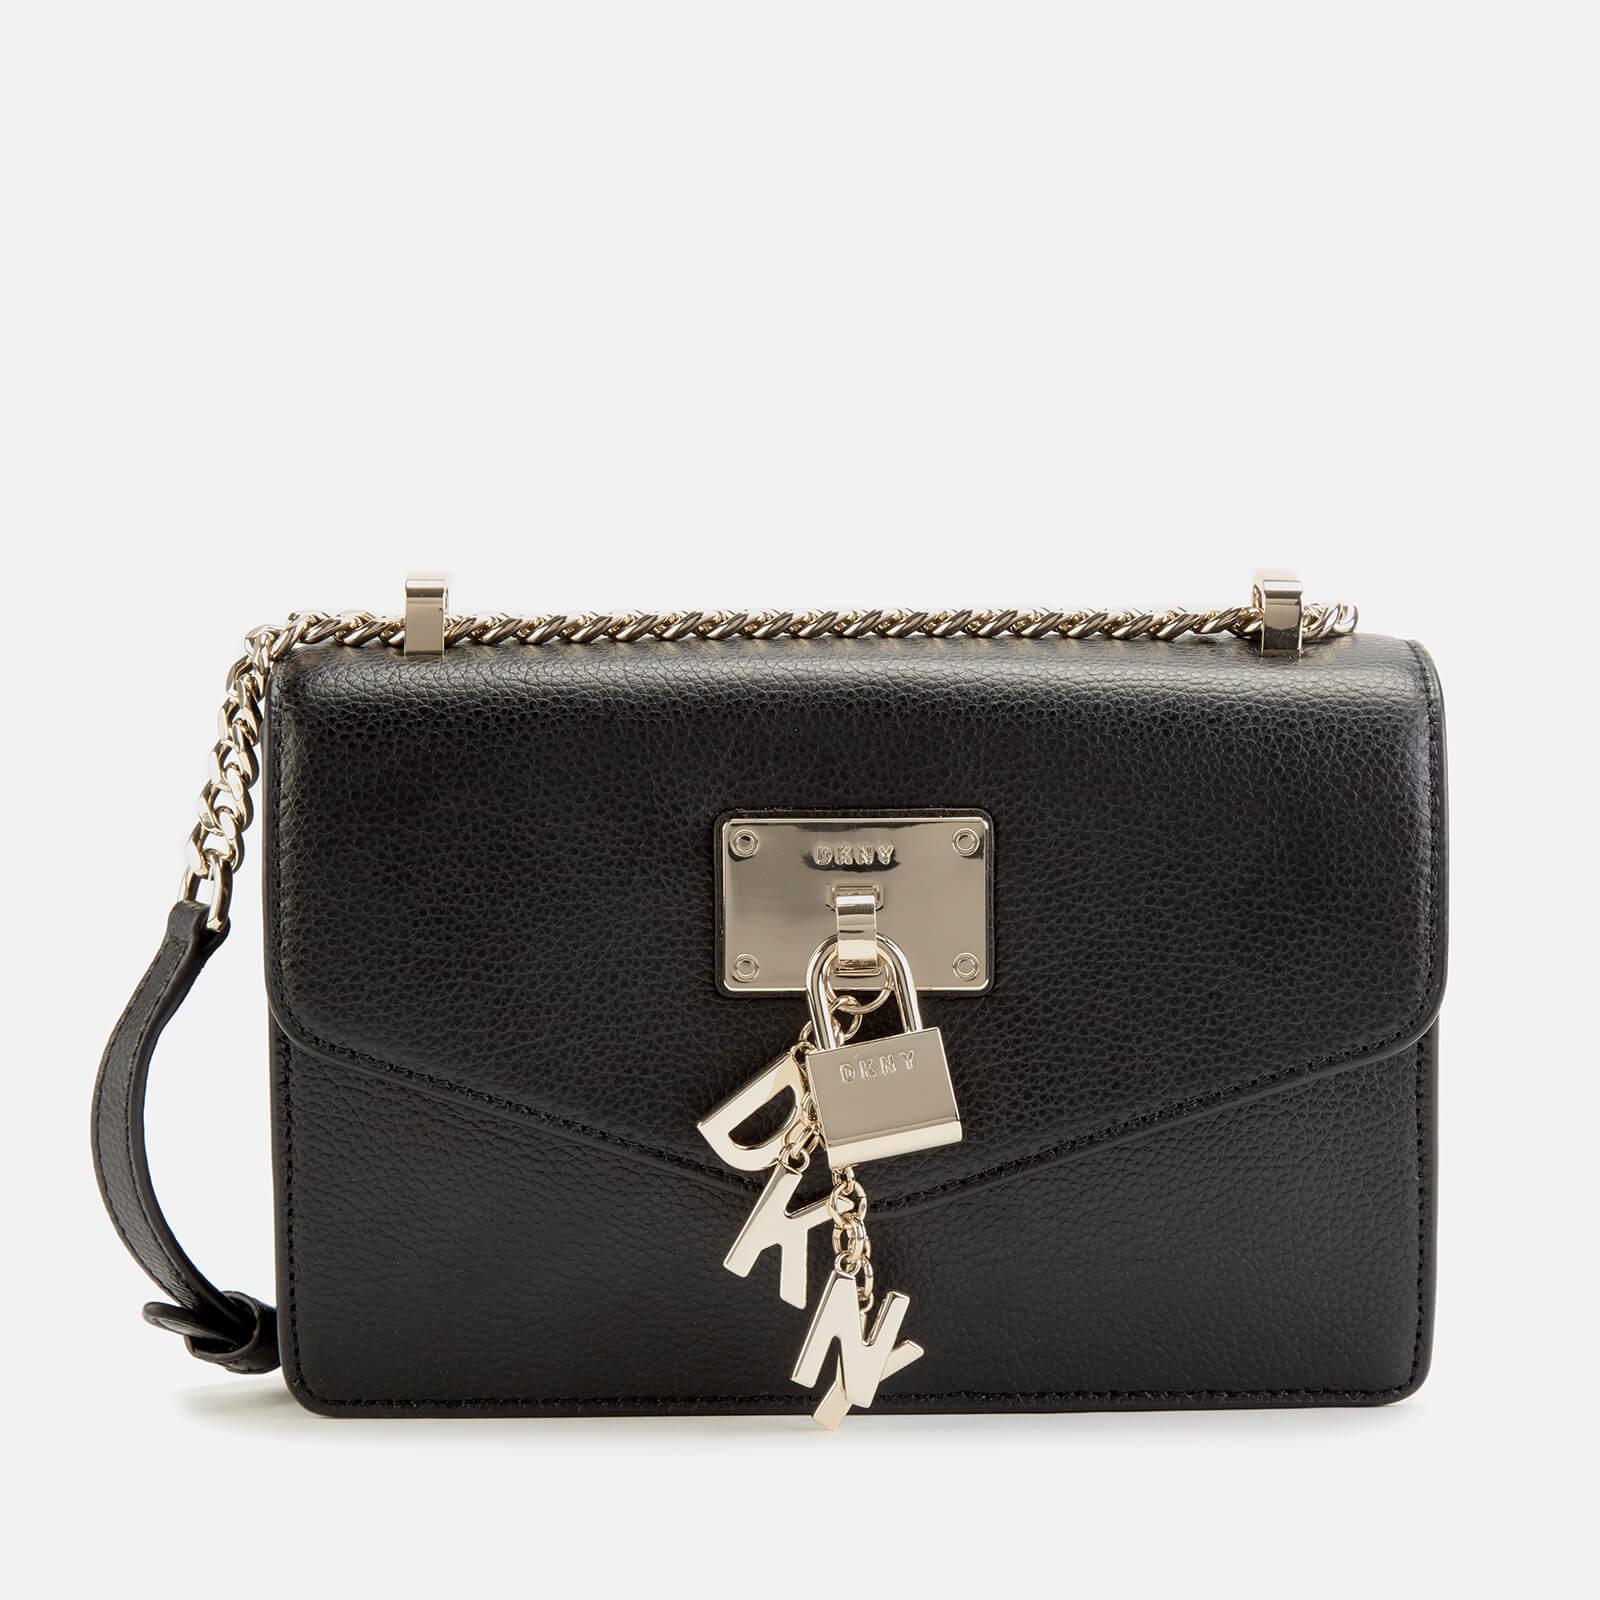 DKNY Women's Elissa Small Shoulder Flap Bag BlackGold